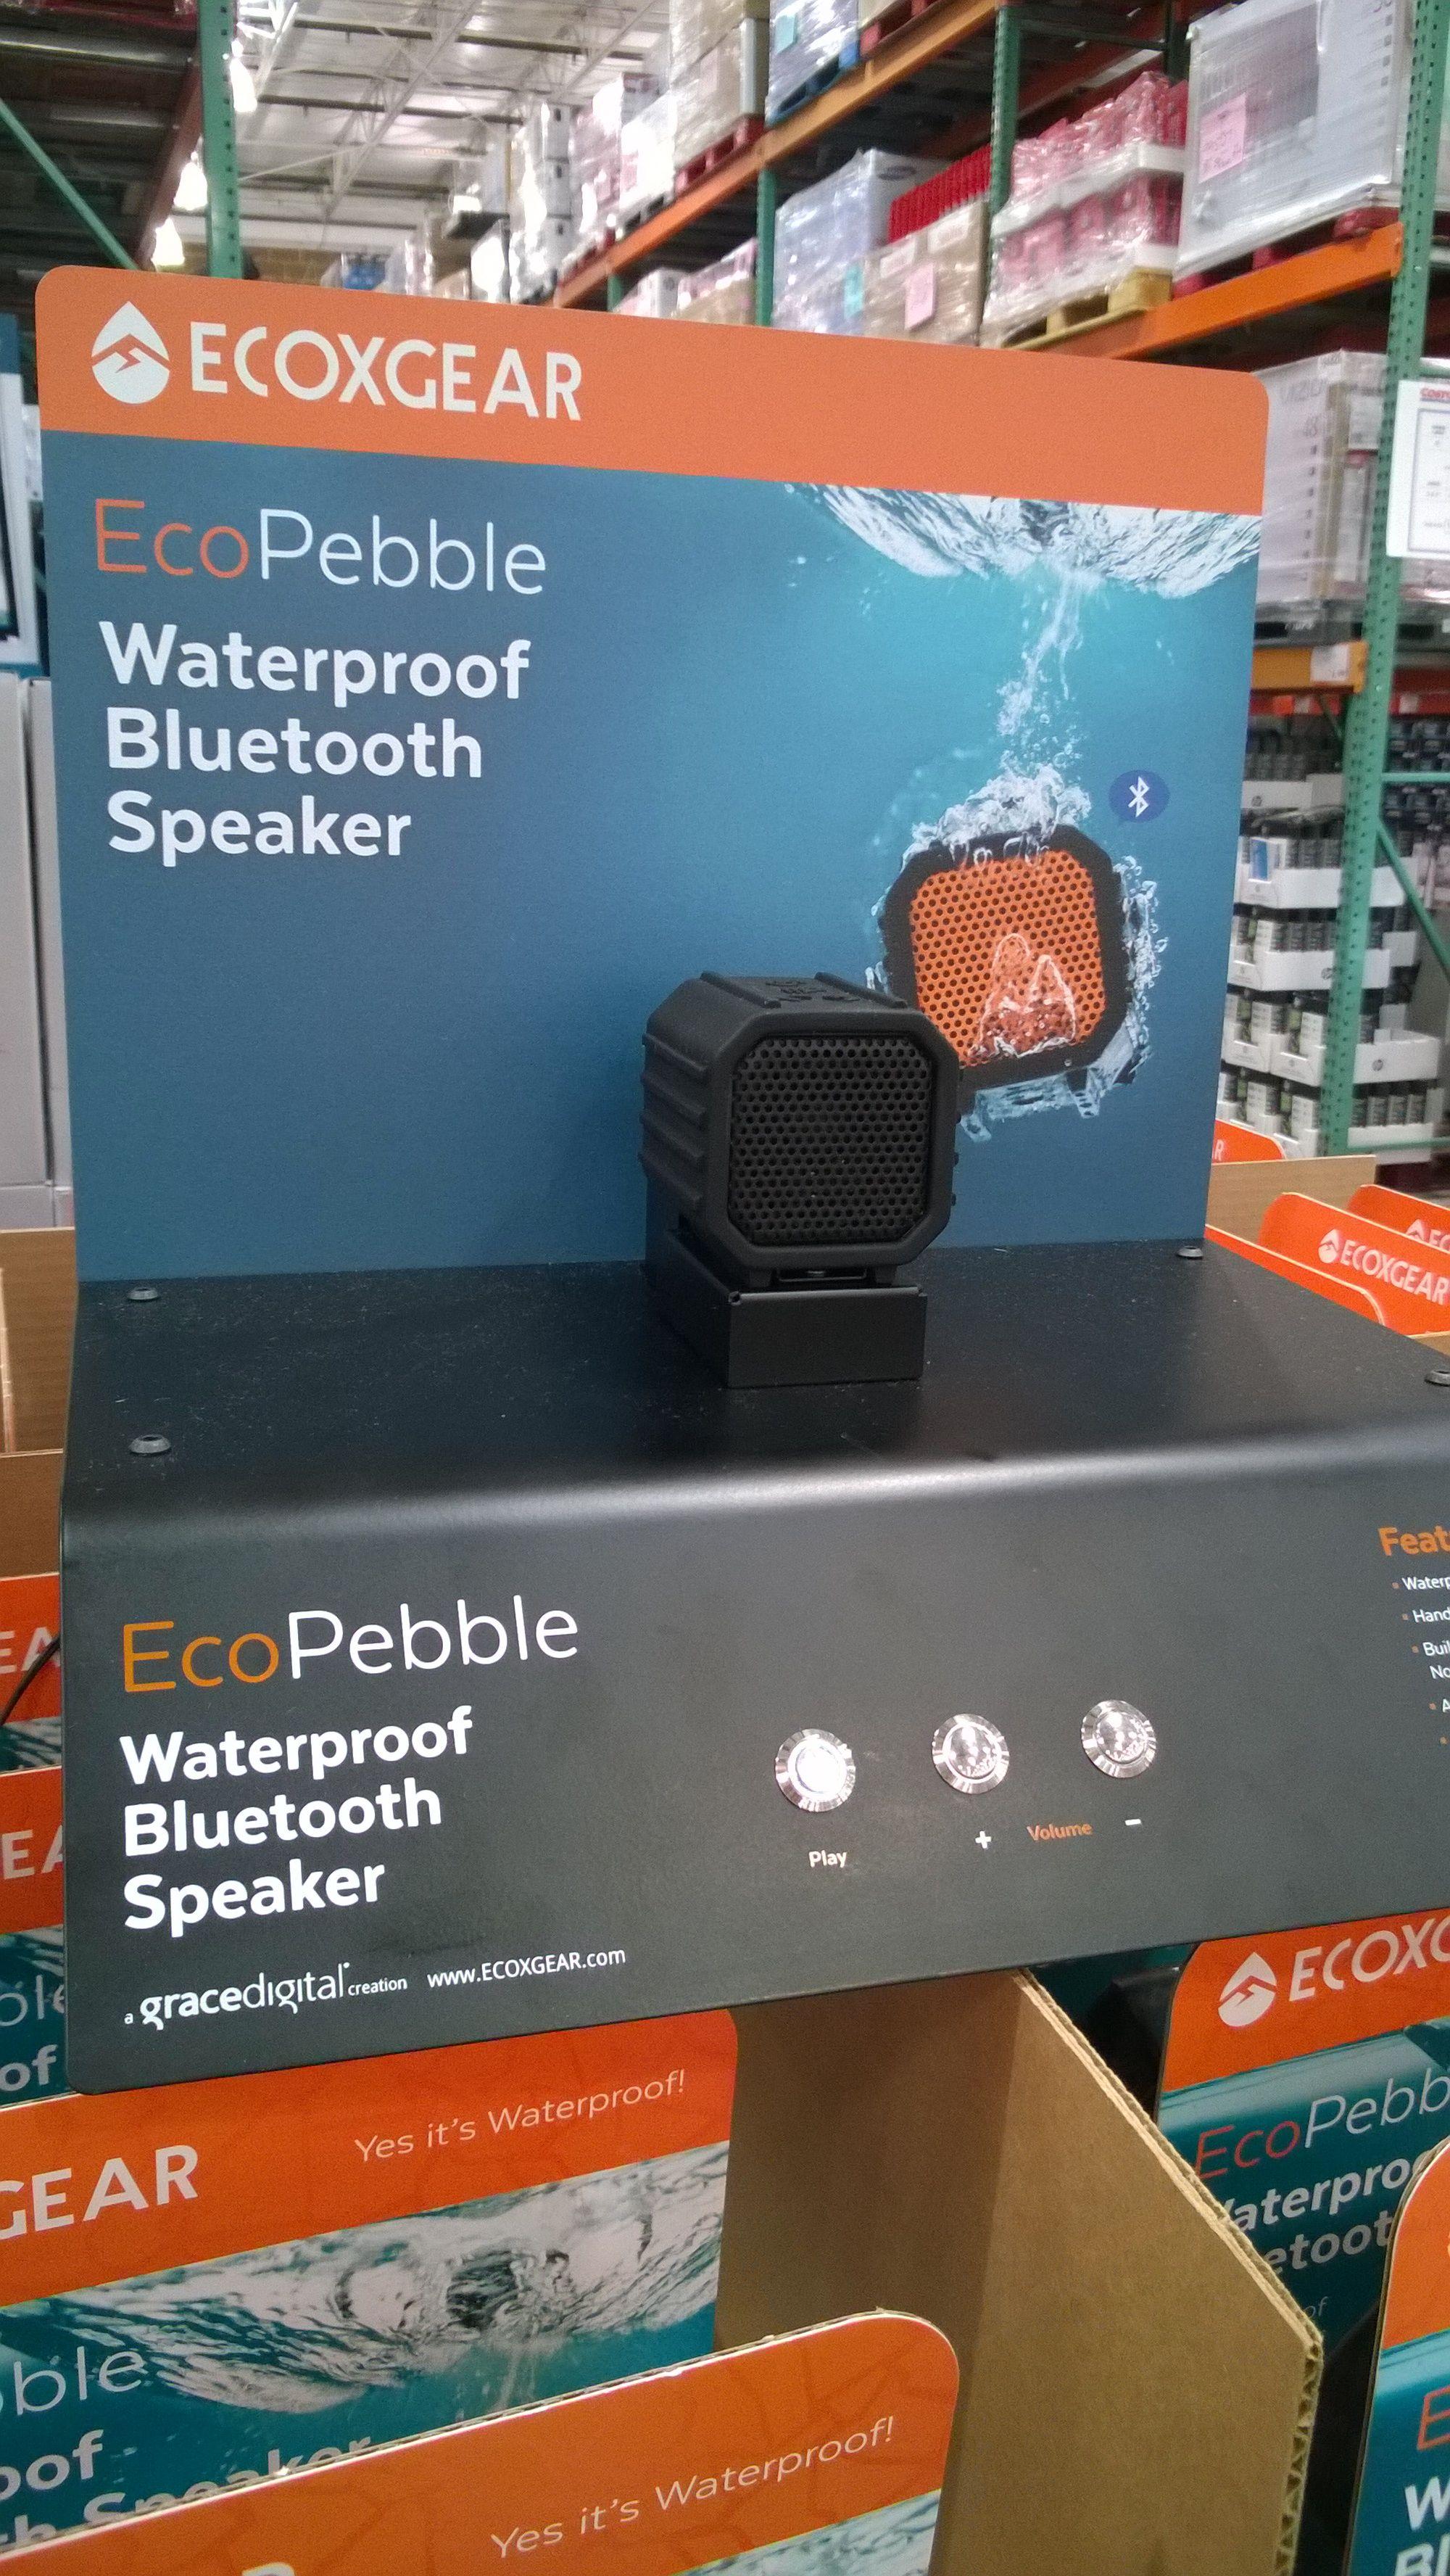 6402c30cc08 Waterproof Bluetooth speaker